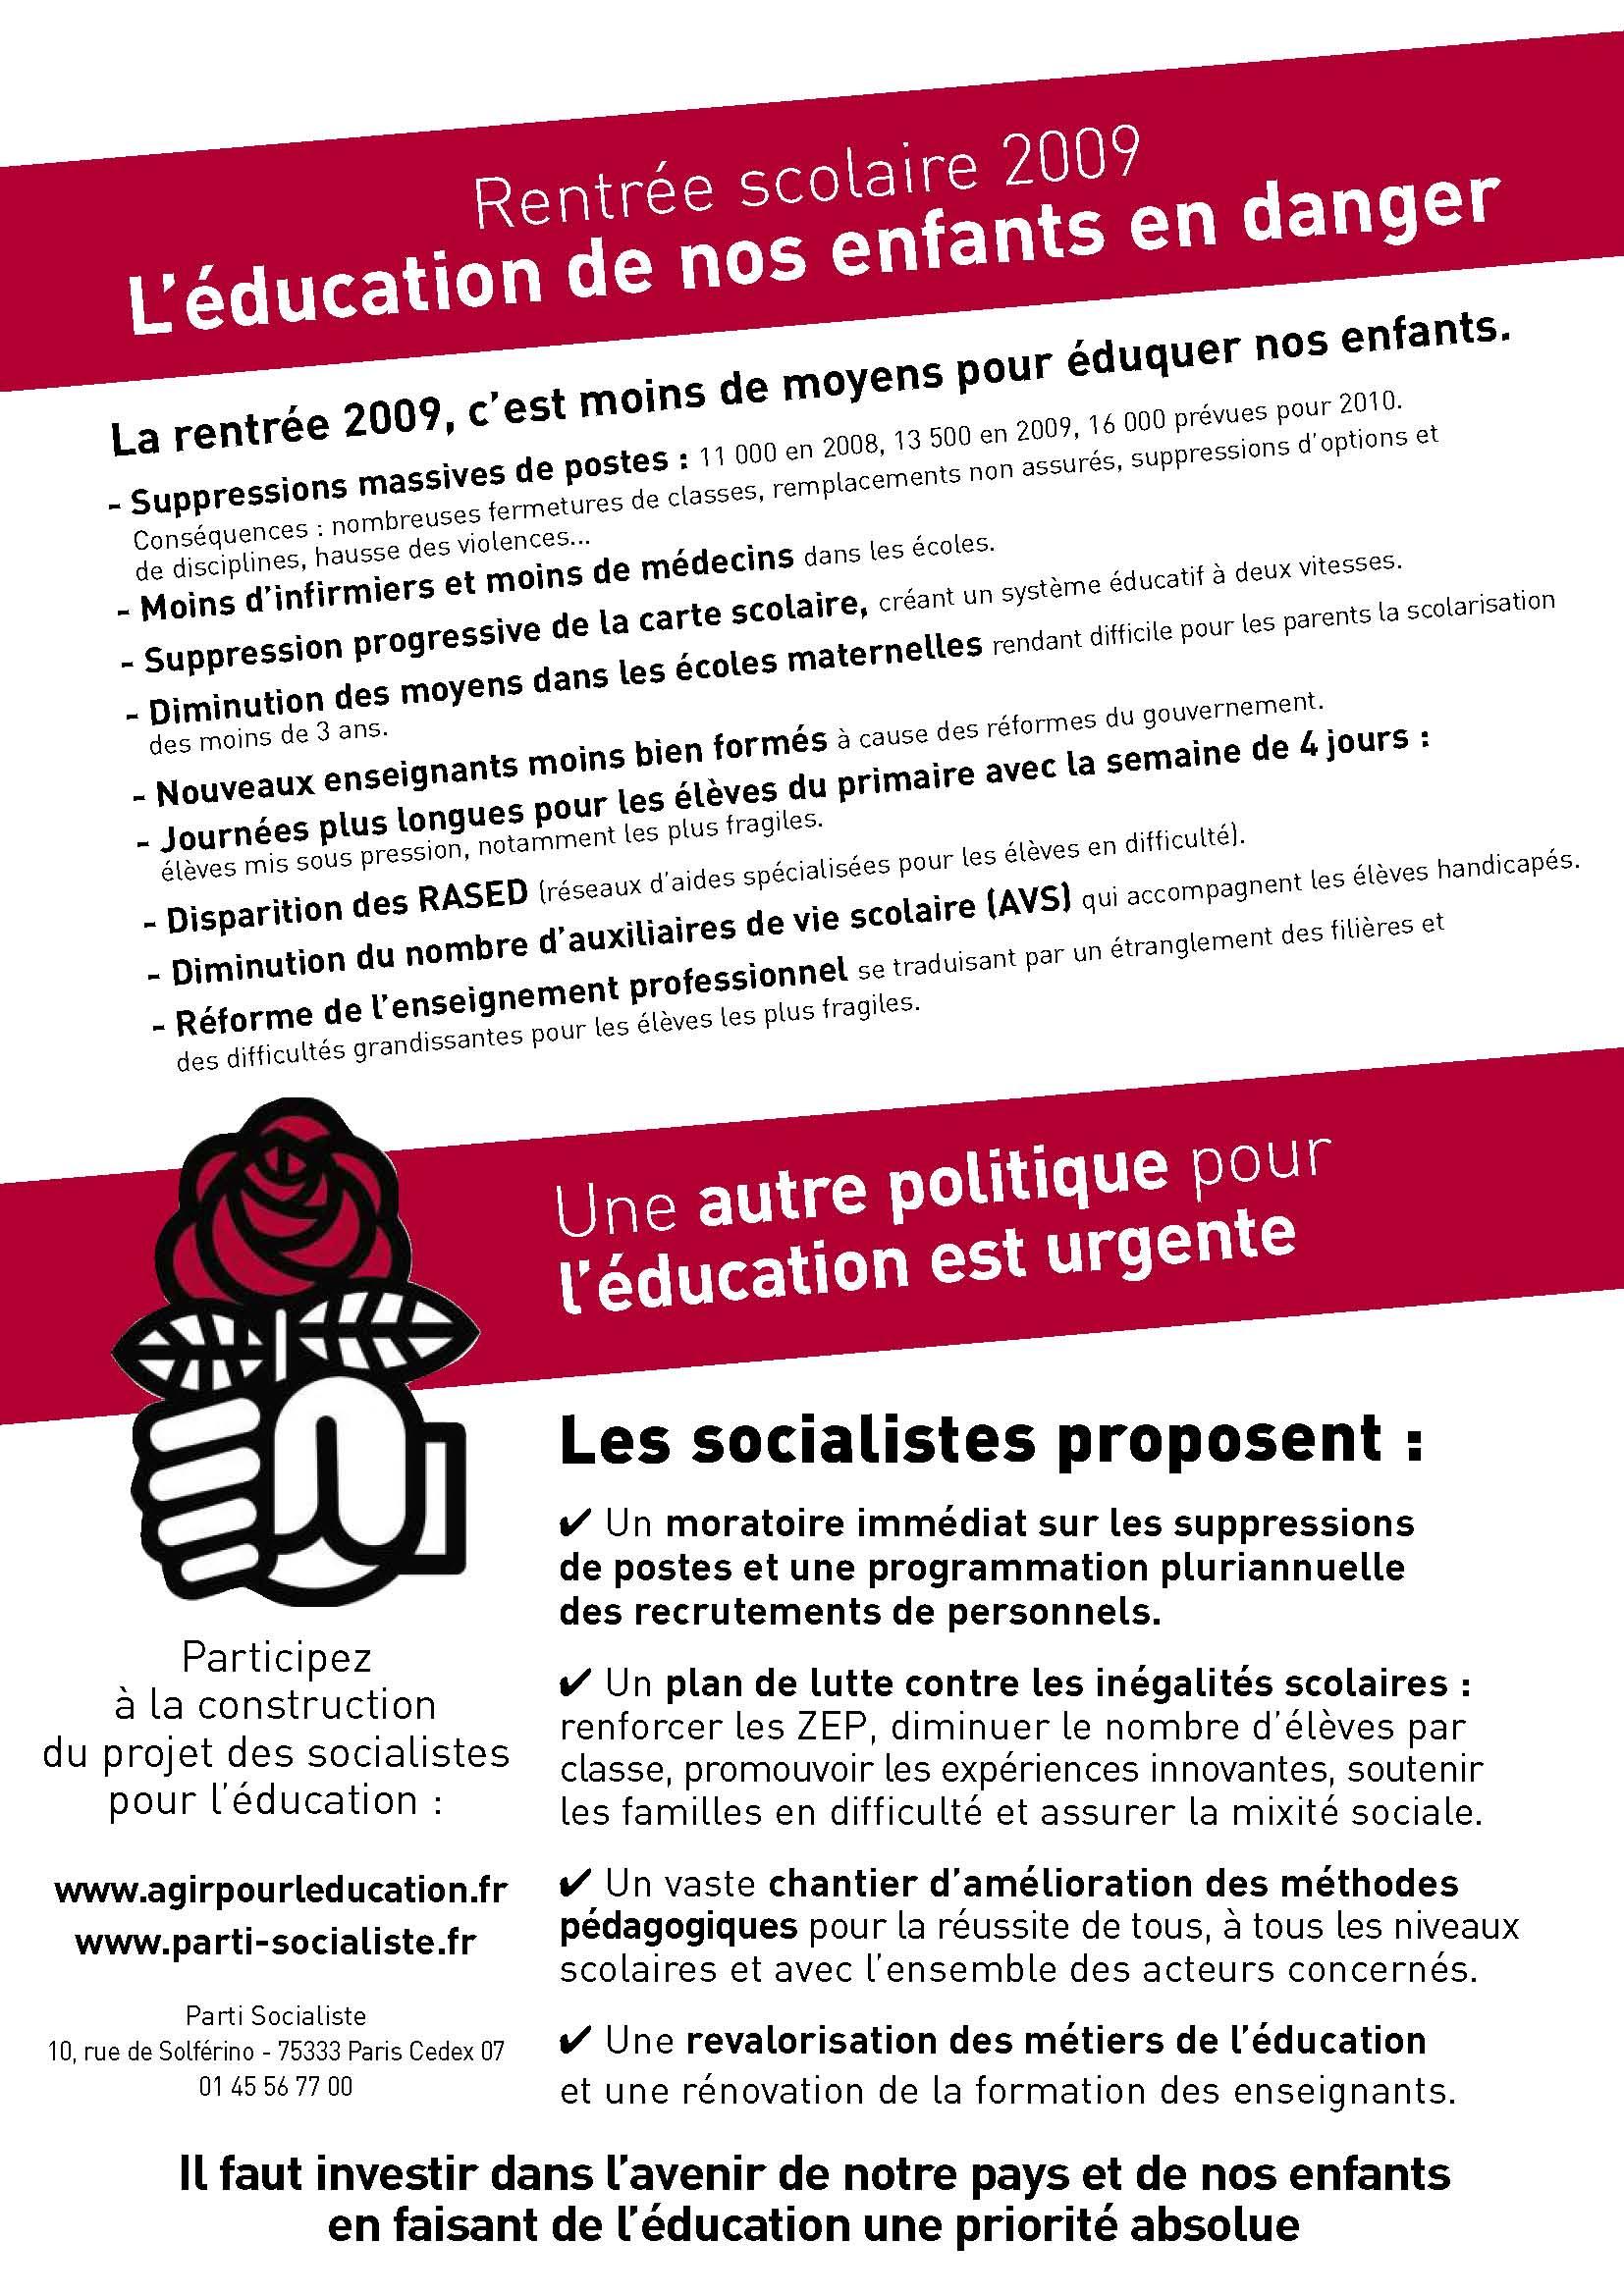 tractrentrescolaire2009.jpg